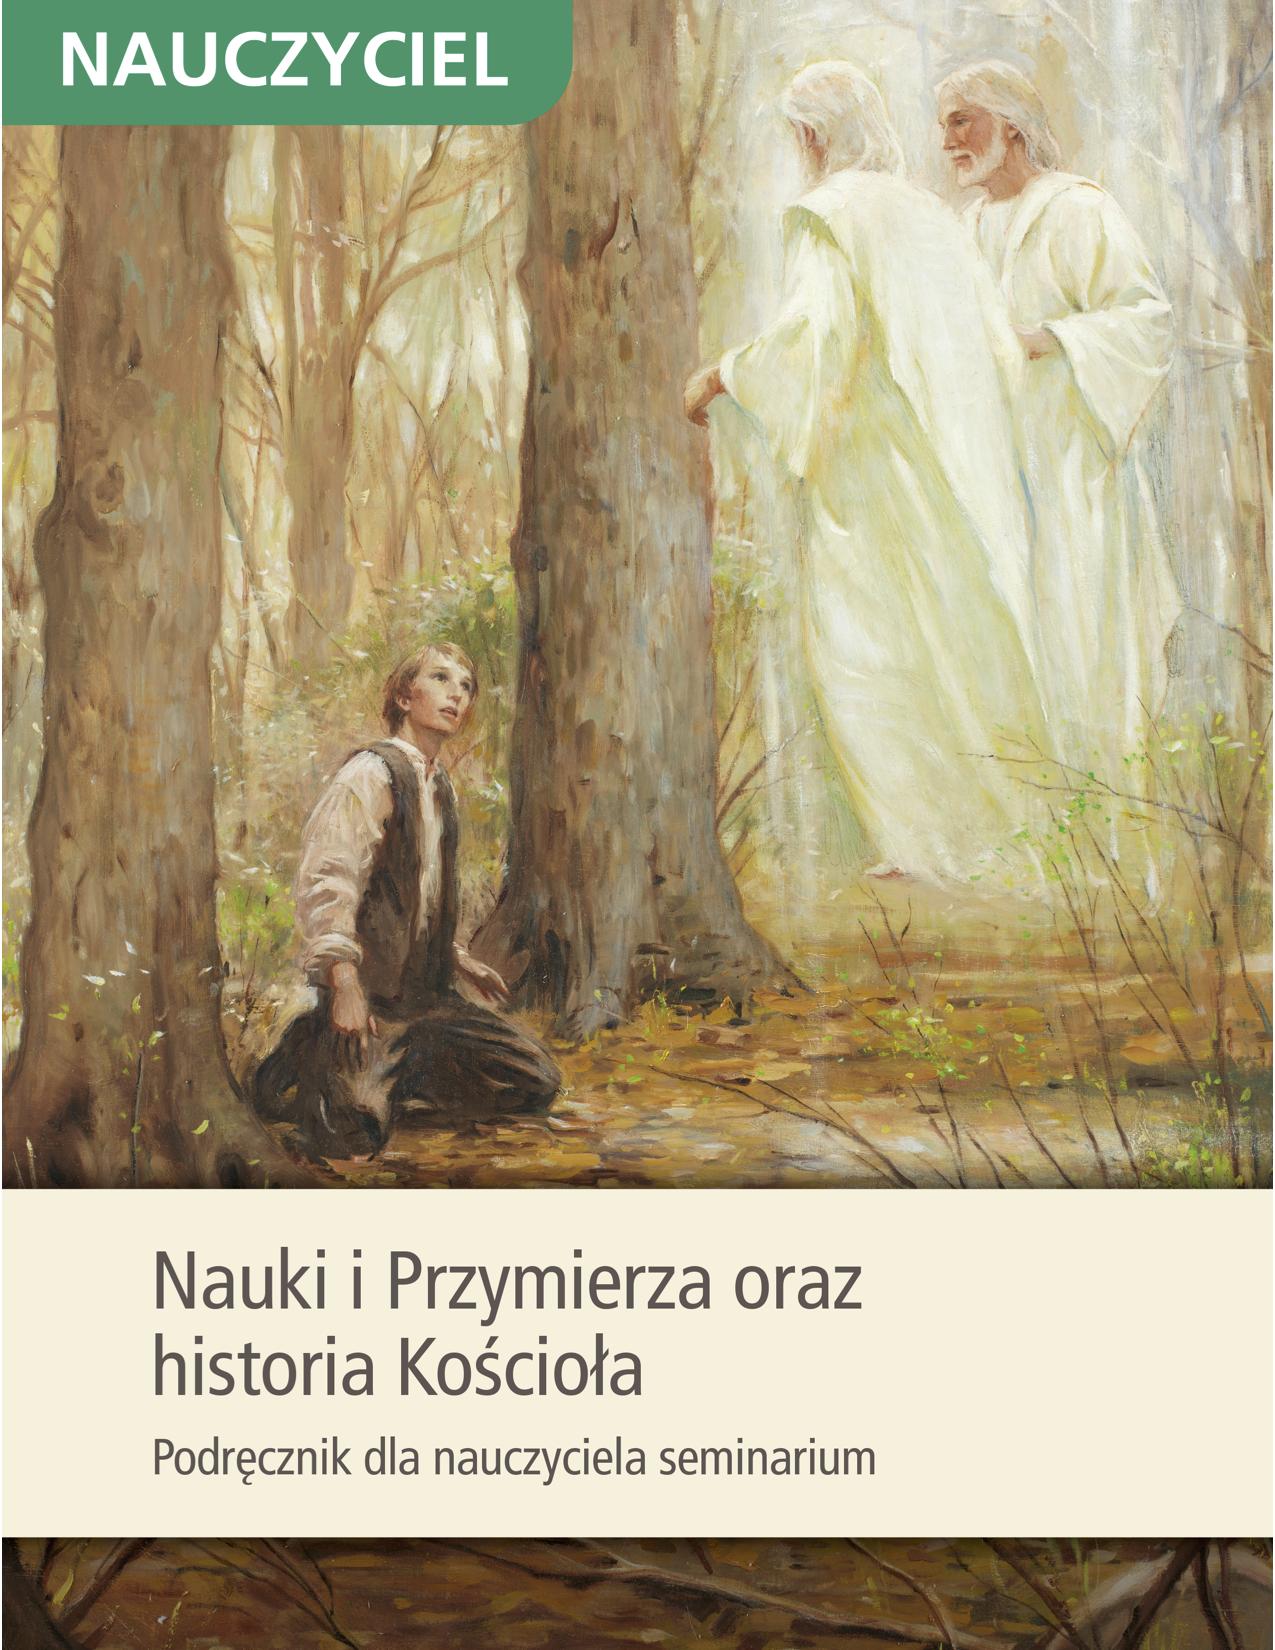 Nauki i Przymierza oraz historia Kościoła Podręcznik dla nauczyciela seminarium